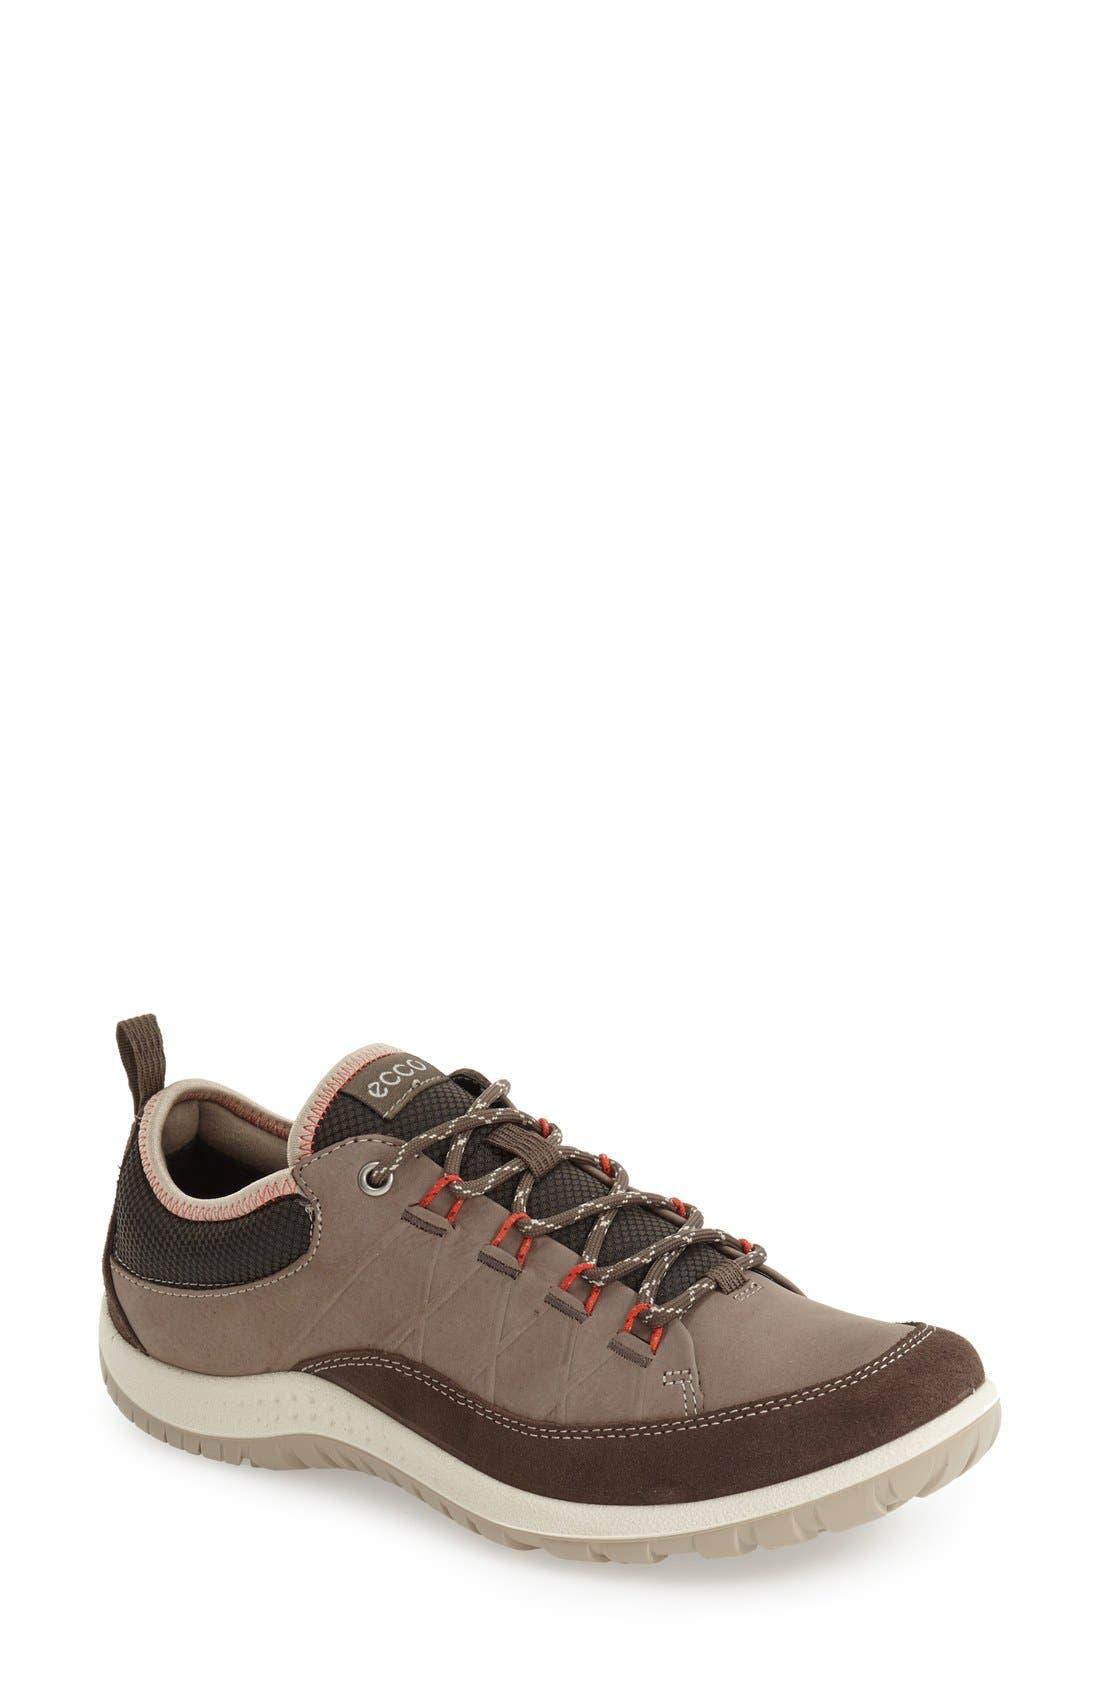 'Aspina' Sneaker,                         Main,                         color, Dark Clay Oiled Suede